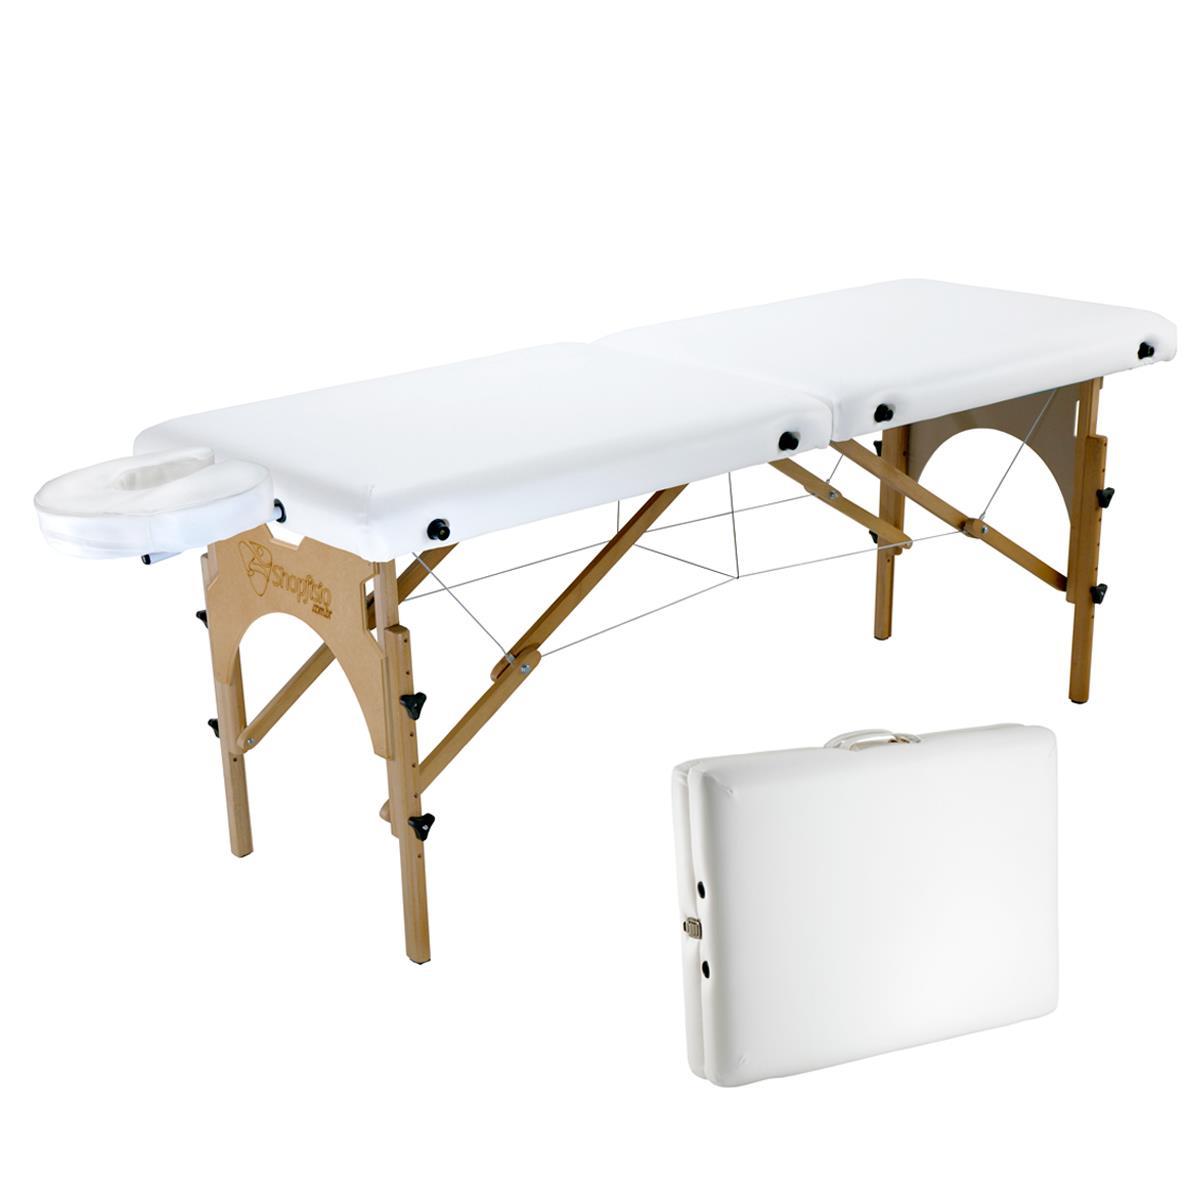 Maca De Massagem Portátil Com Altura Regulável E Orifício Para Quiropraxia E Osteopatia - Shopfisio